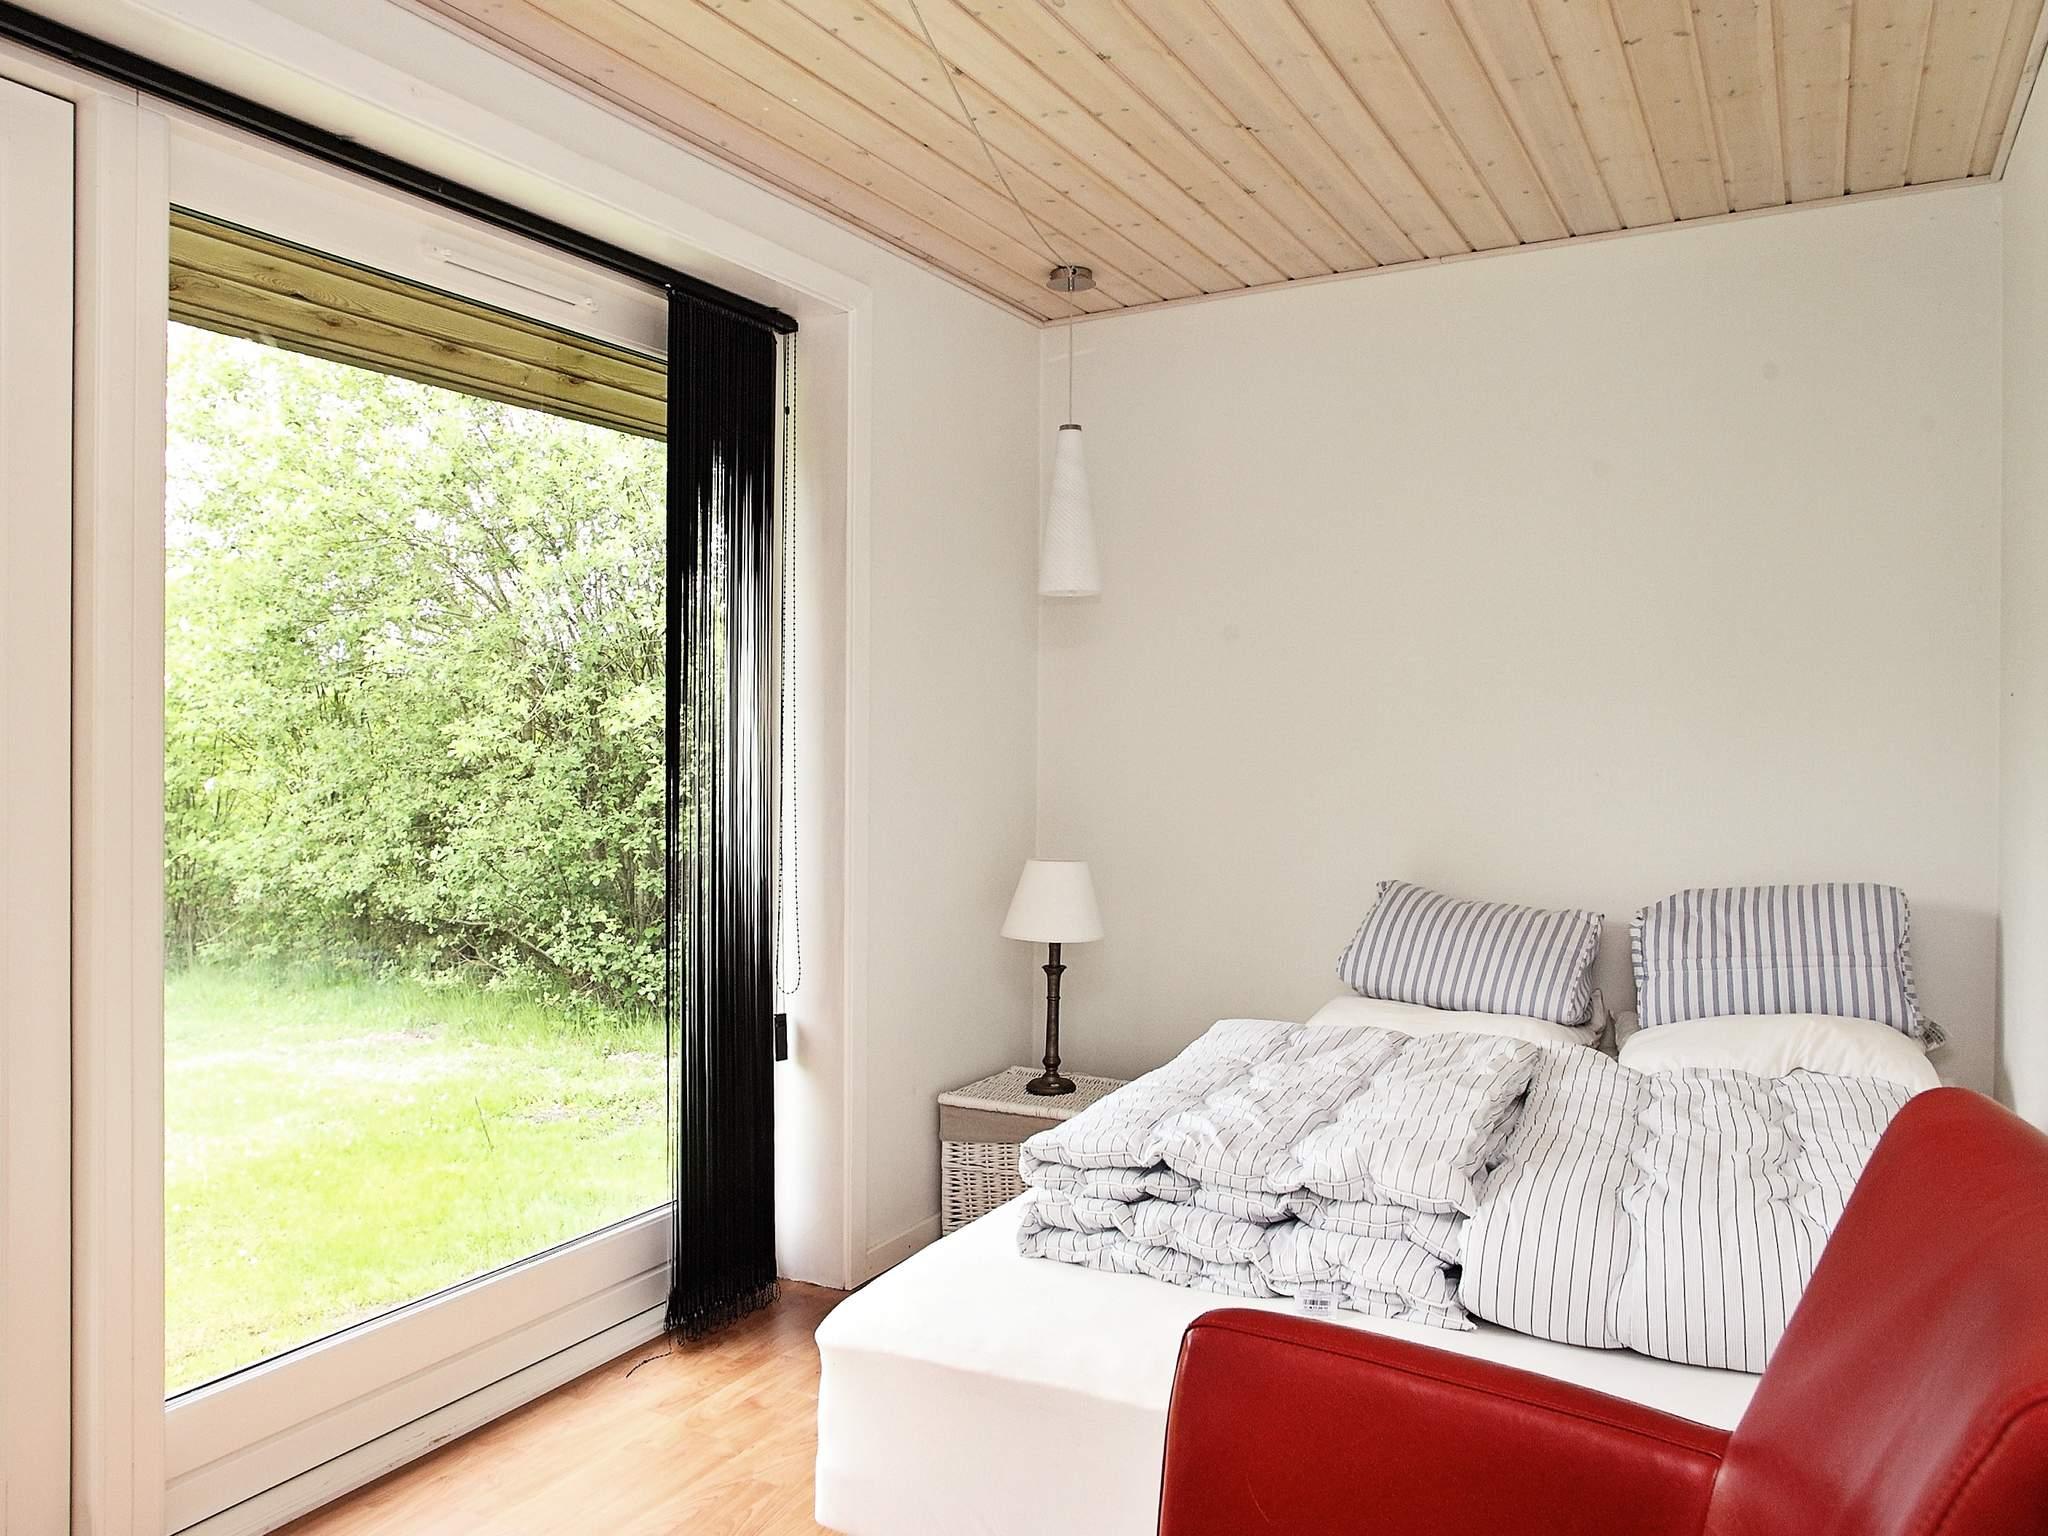 Ferienhaus Lynderup (953846), Lynderup, , Ostjütland, Dänemark, Bild 9